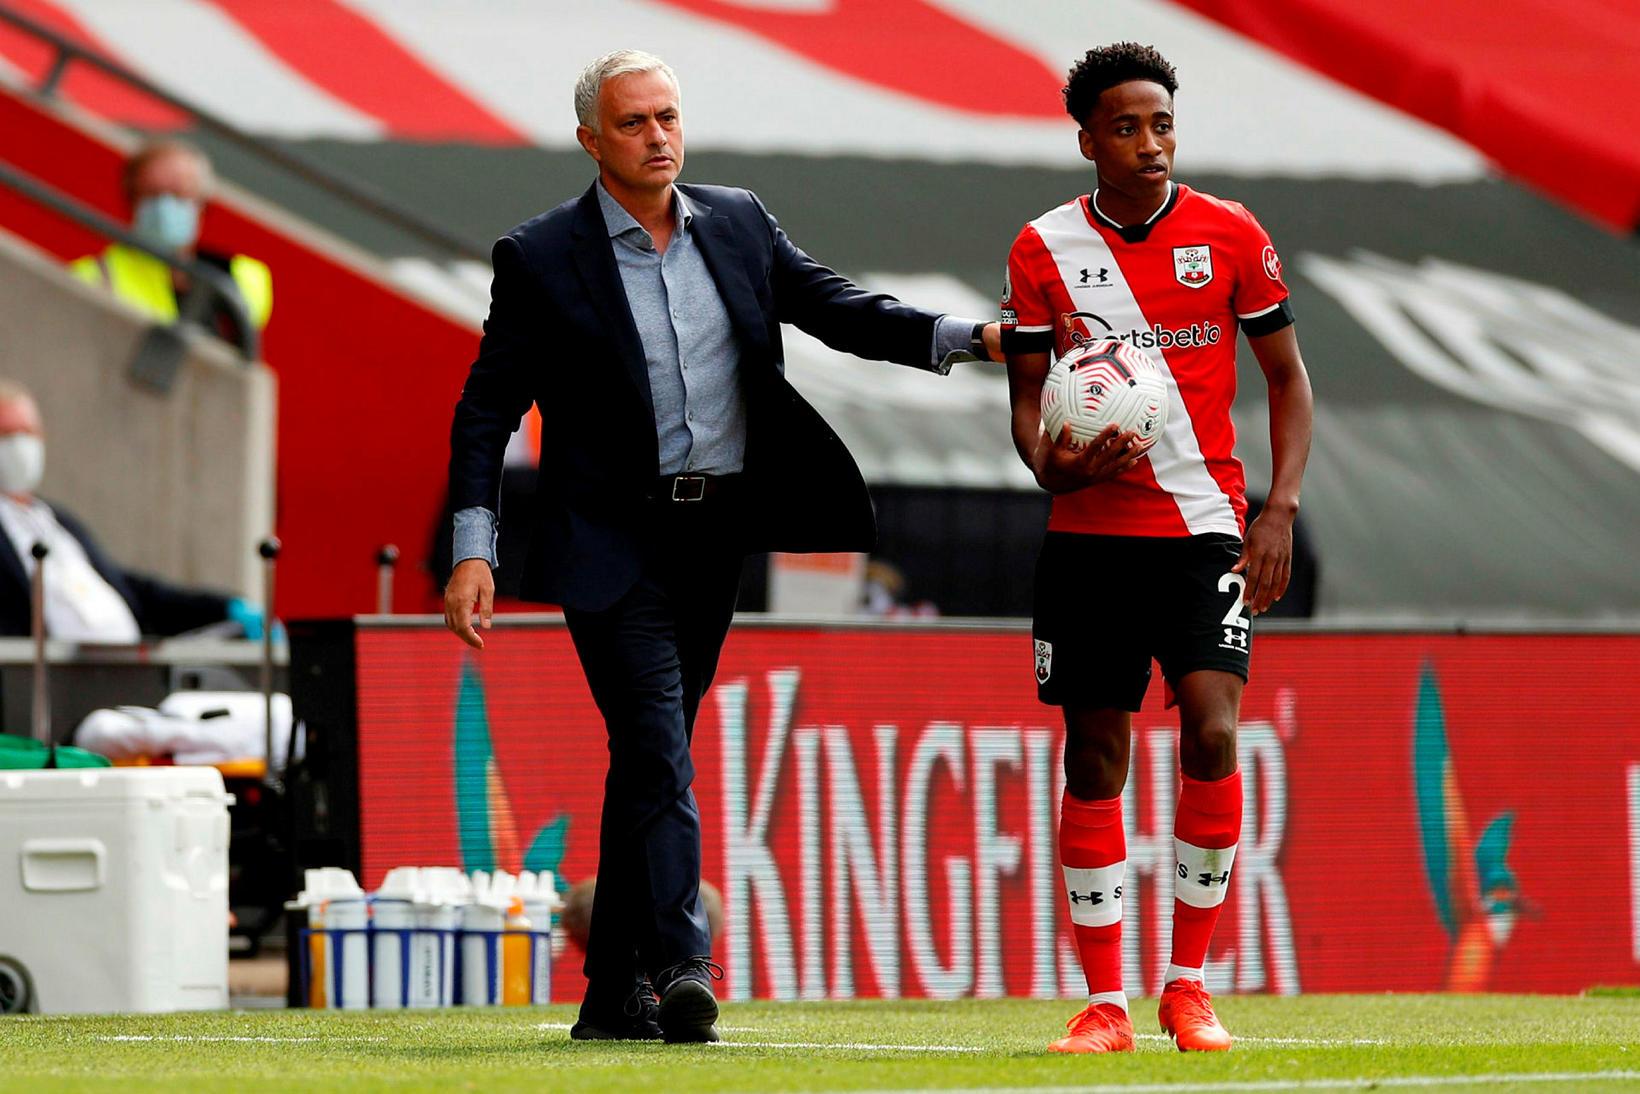 Varnarmaðurinn Kyle Walker-Peters er kominn til Southampton frá Tottenham.